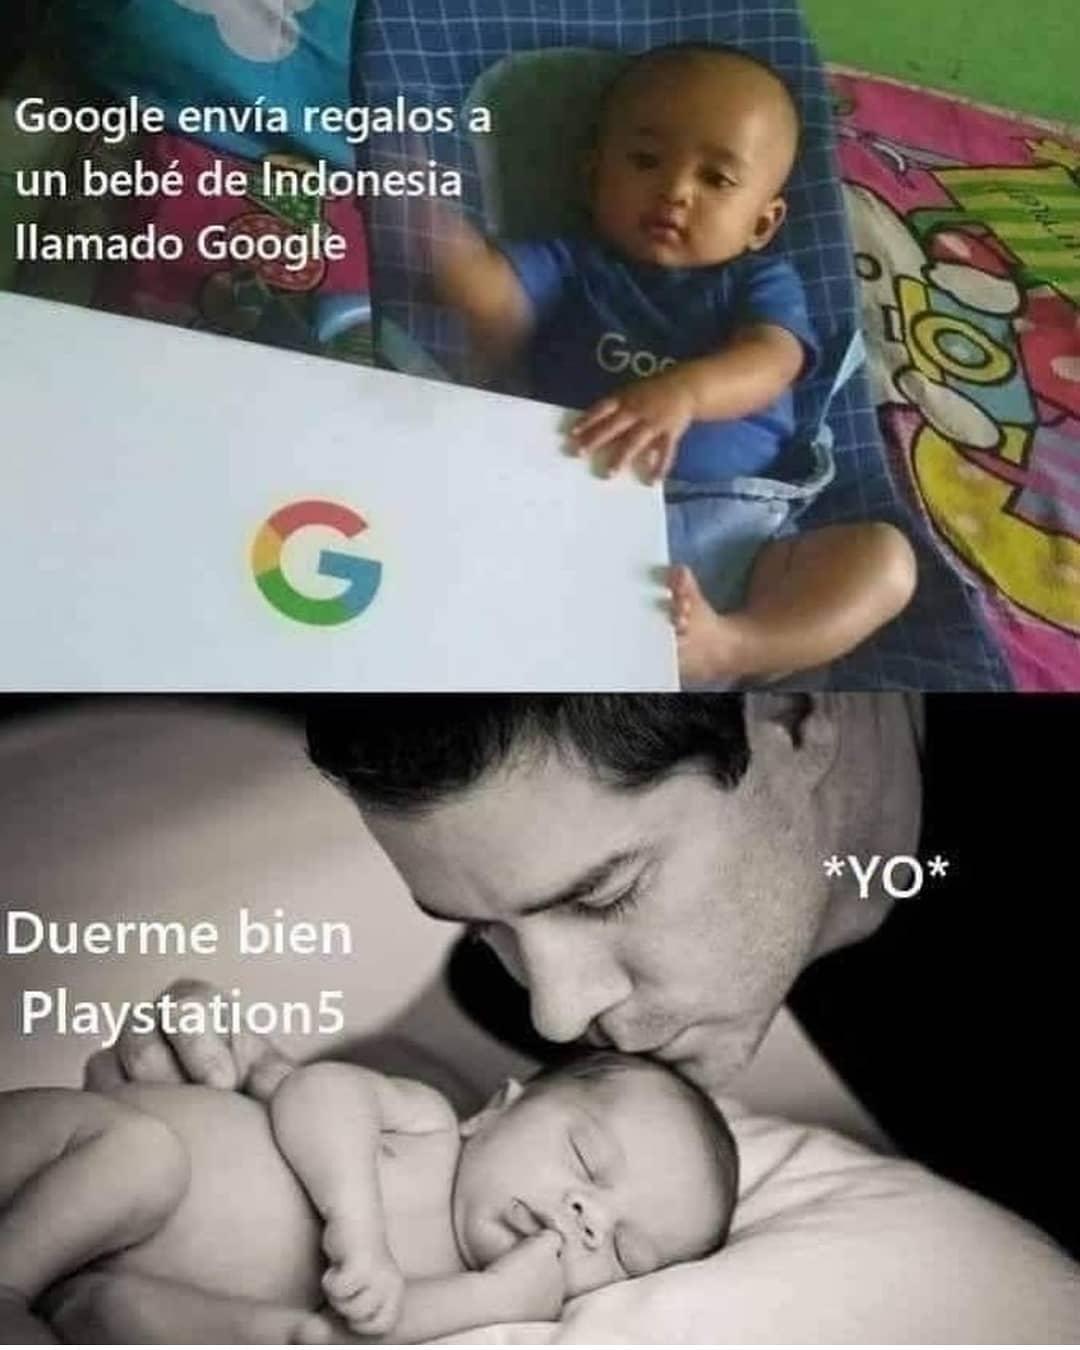 Google envía regalos a un bebé de Indonesia llamado Google.  *Yo* Duerme bien Playstation 5.